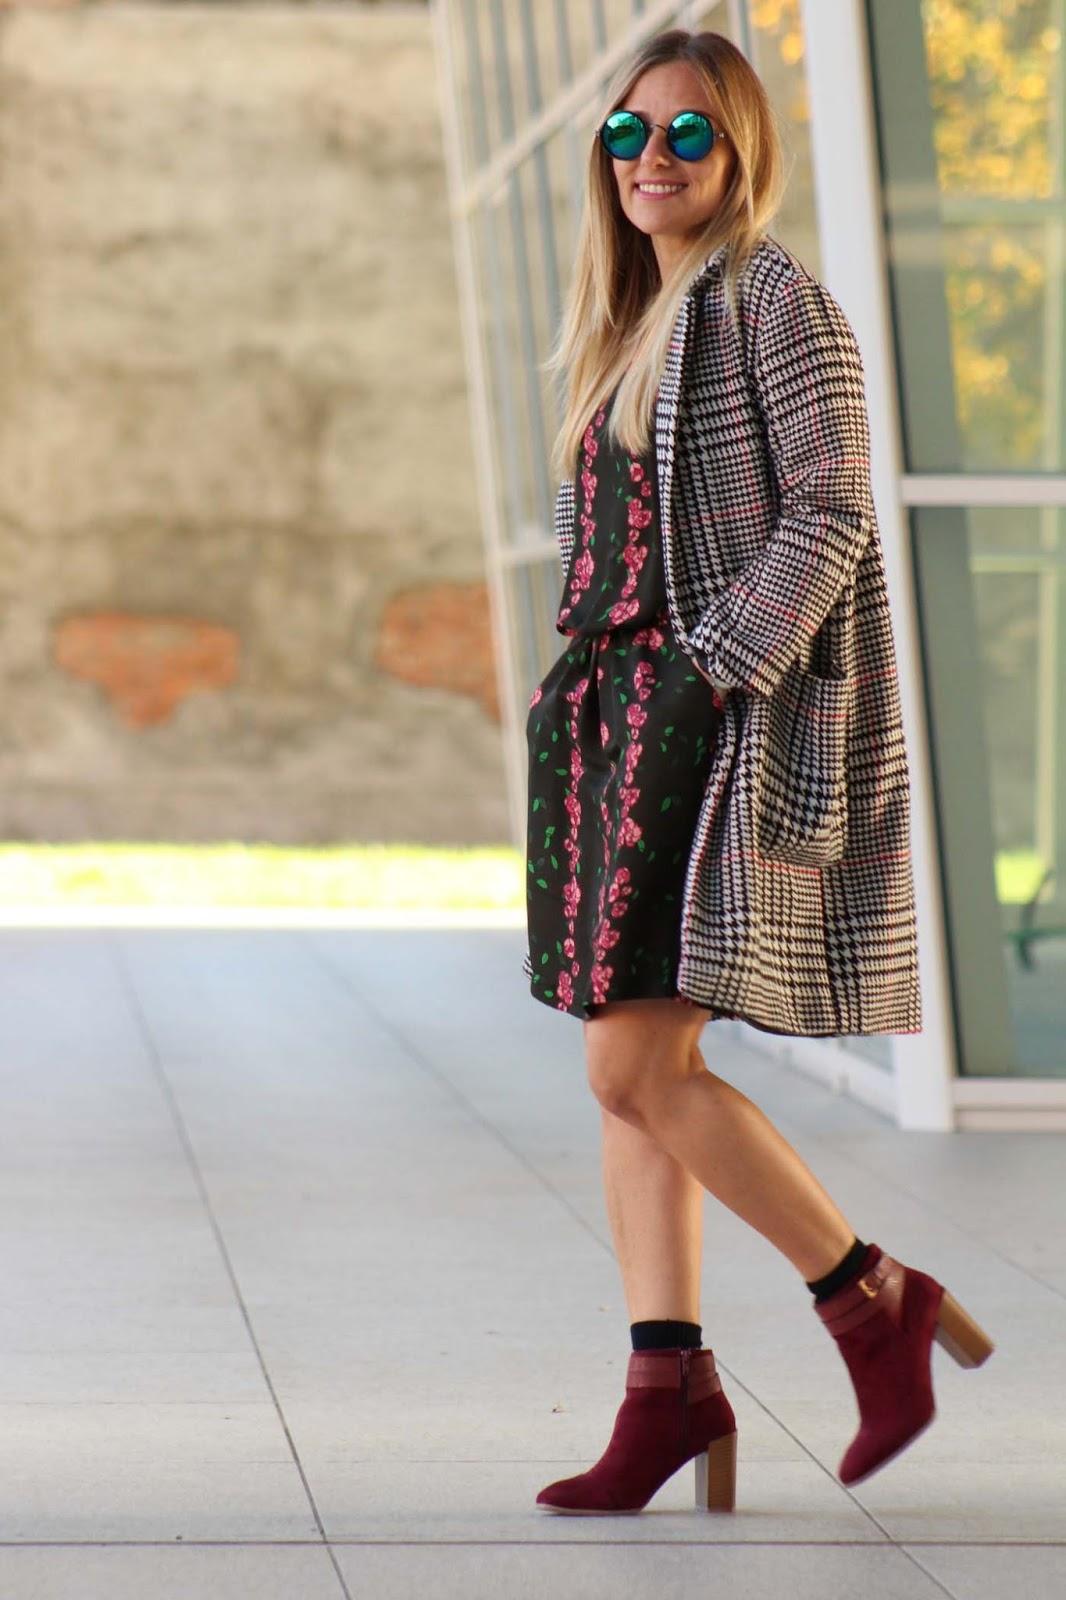 Eniwhere Fashion - Zaful's coat and Coto Privado dress